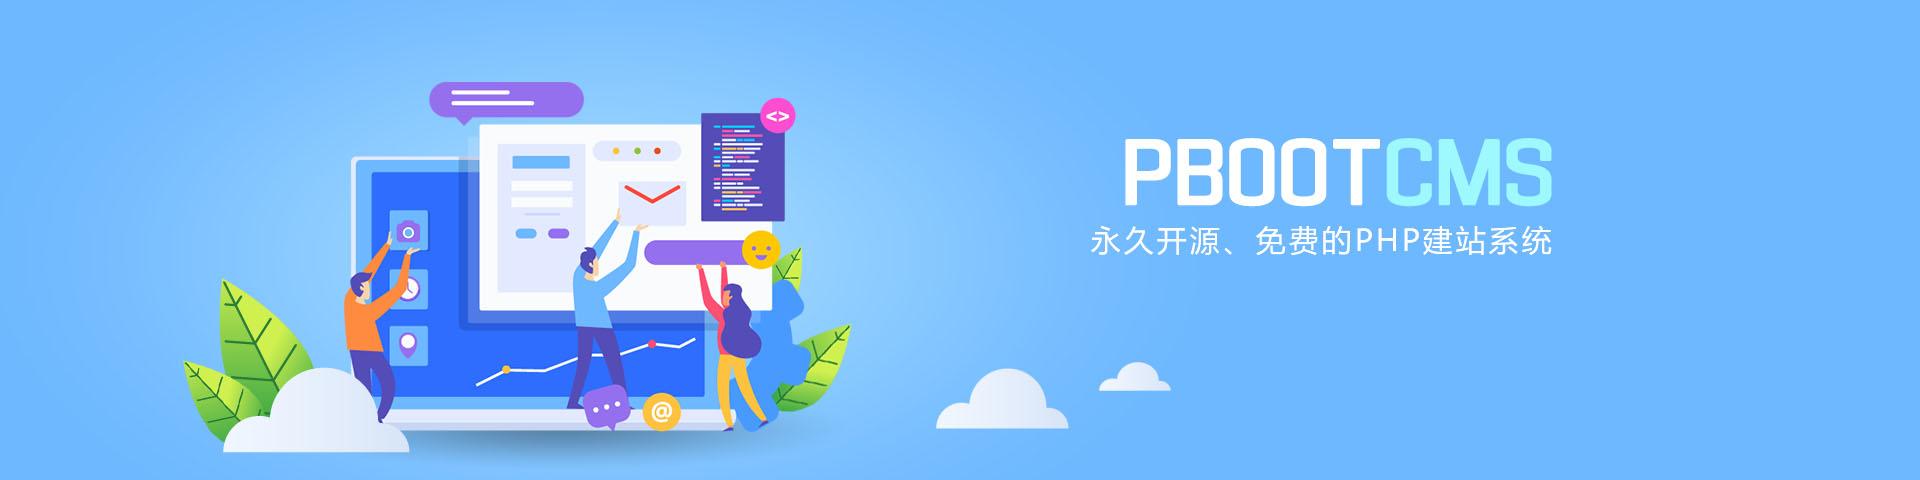 永久开源、免费的PHP企业网站开发建设管理系统-